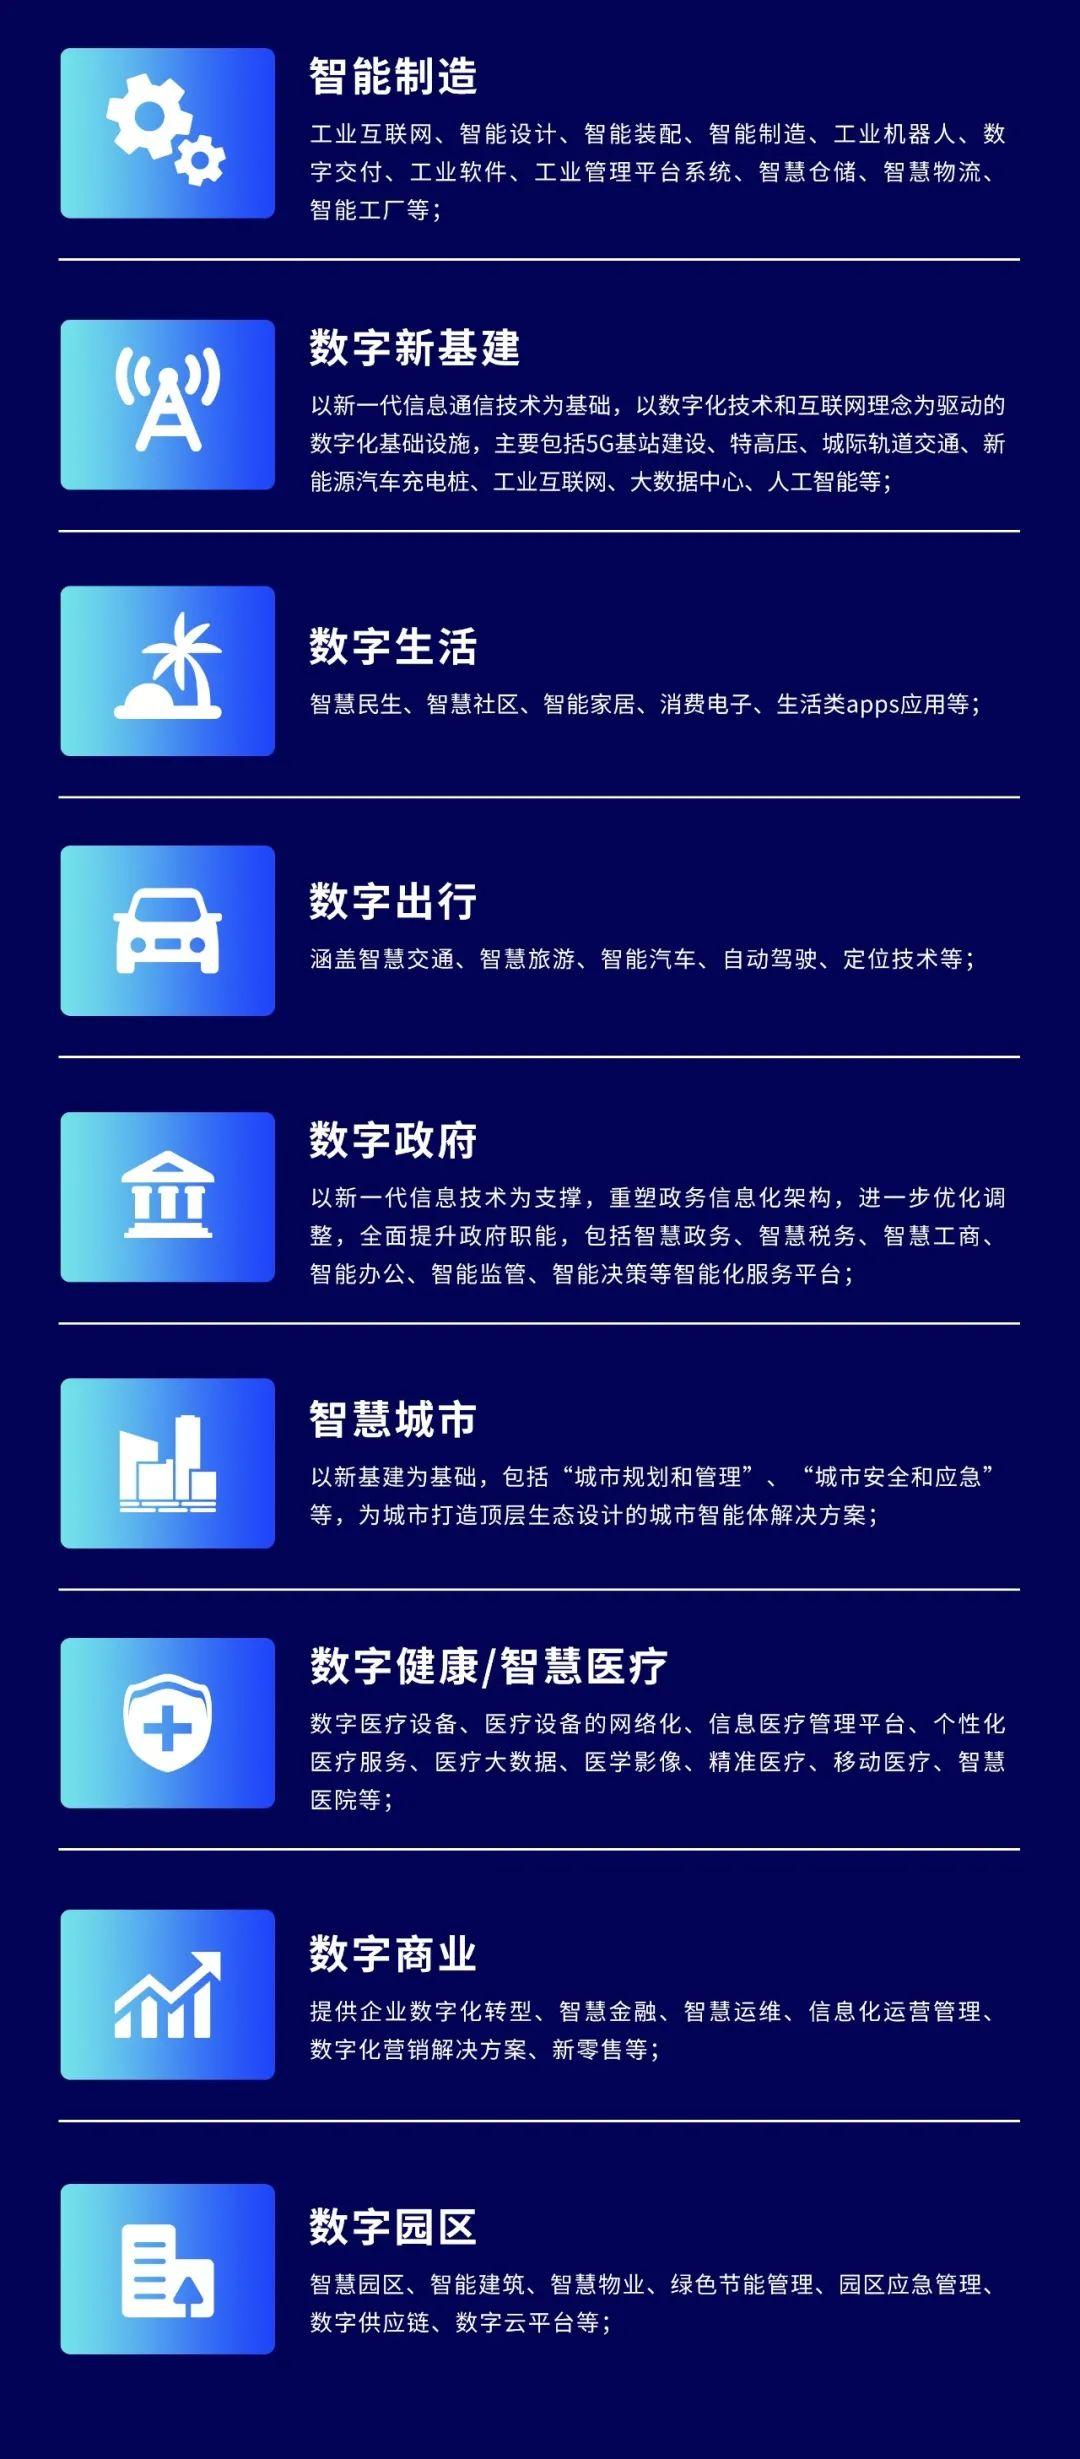 【邀请函】2021全球数字经济大会,9月28-30日深圳会展中心约定你!